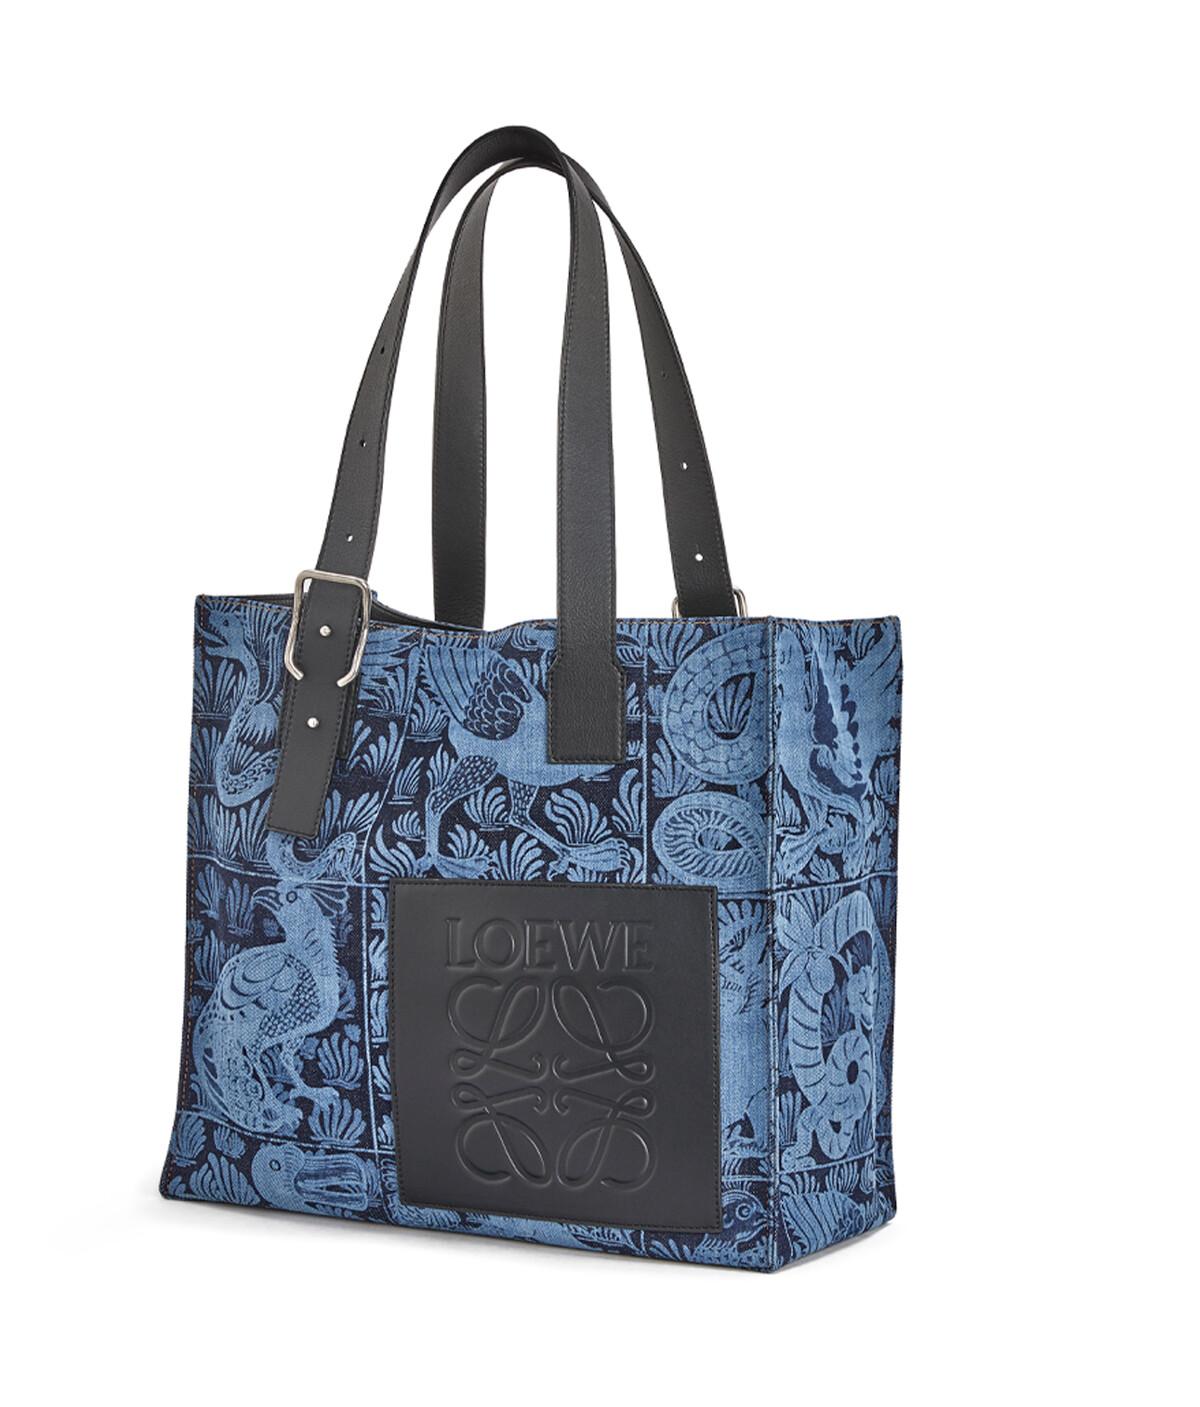 LOEWE Buckle Tote Tiles Bag Indigo/Black front